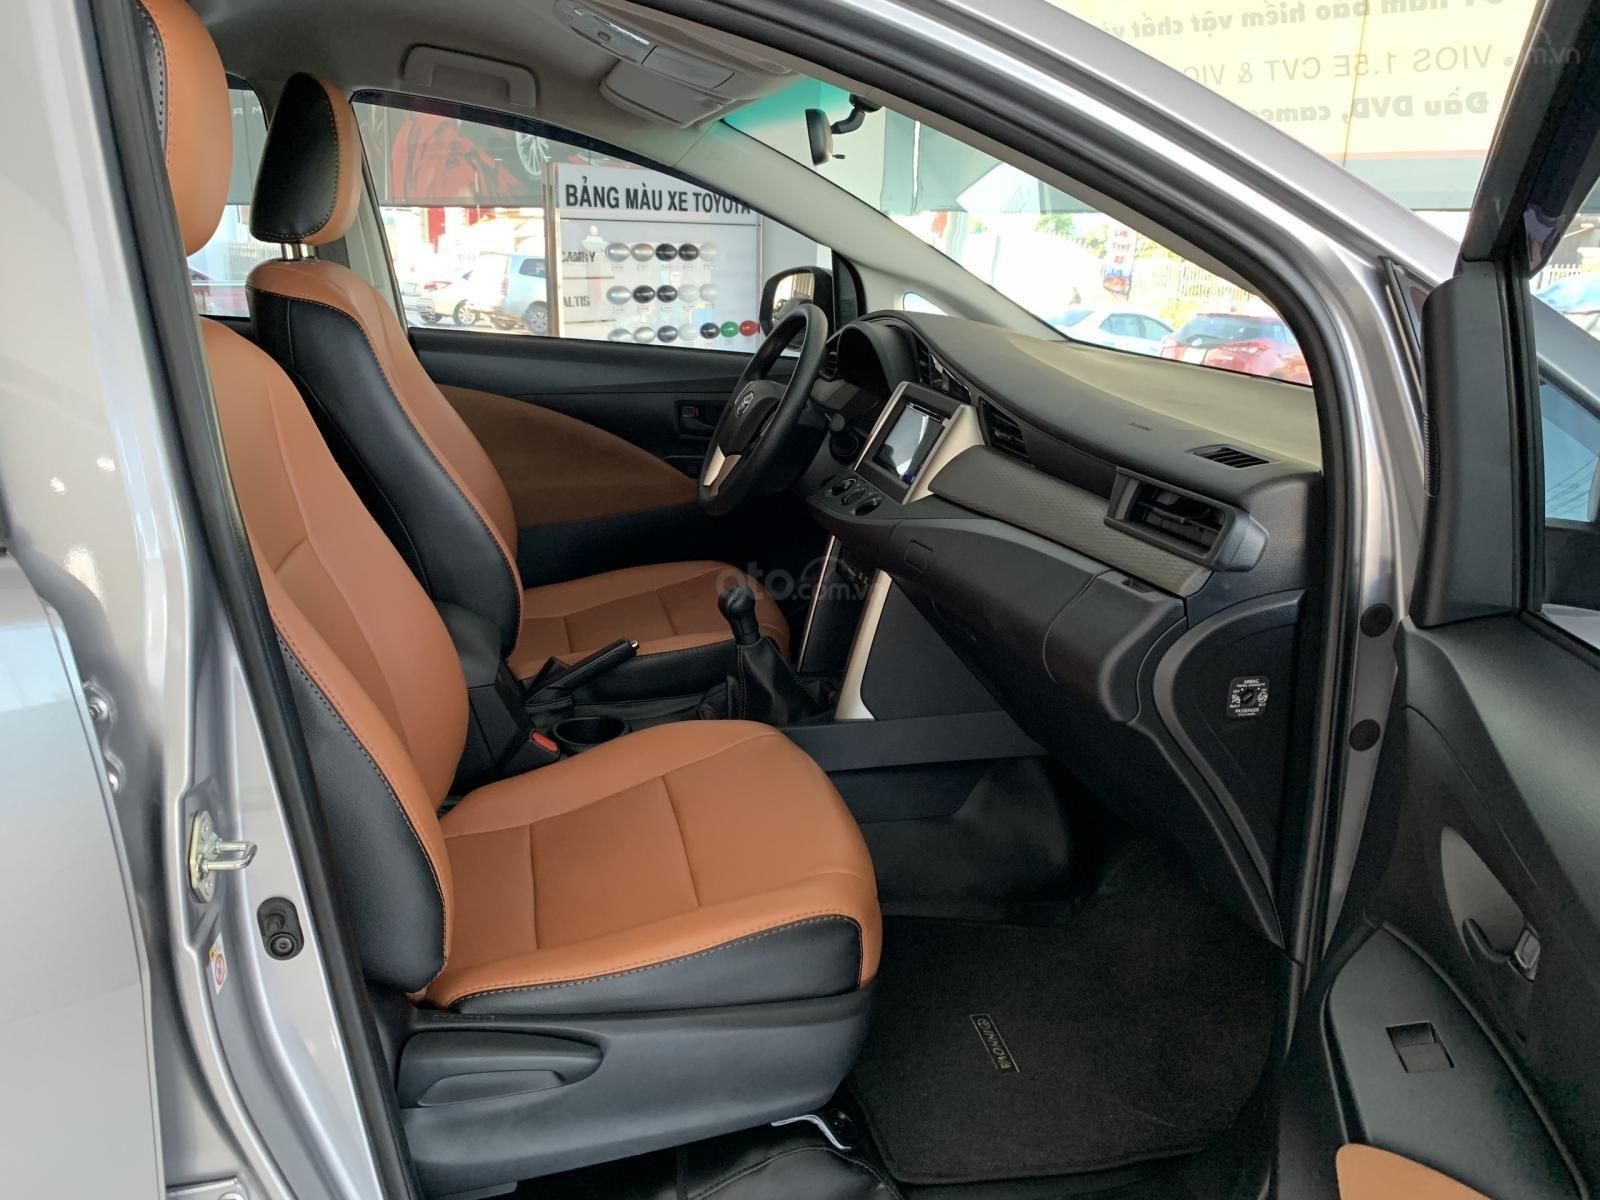 Bán Toyota Innova 2.0E MT 2019, khuyến mãi cực khủng, màu bạc giao ngay. LH: 0943.134.210-4